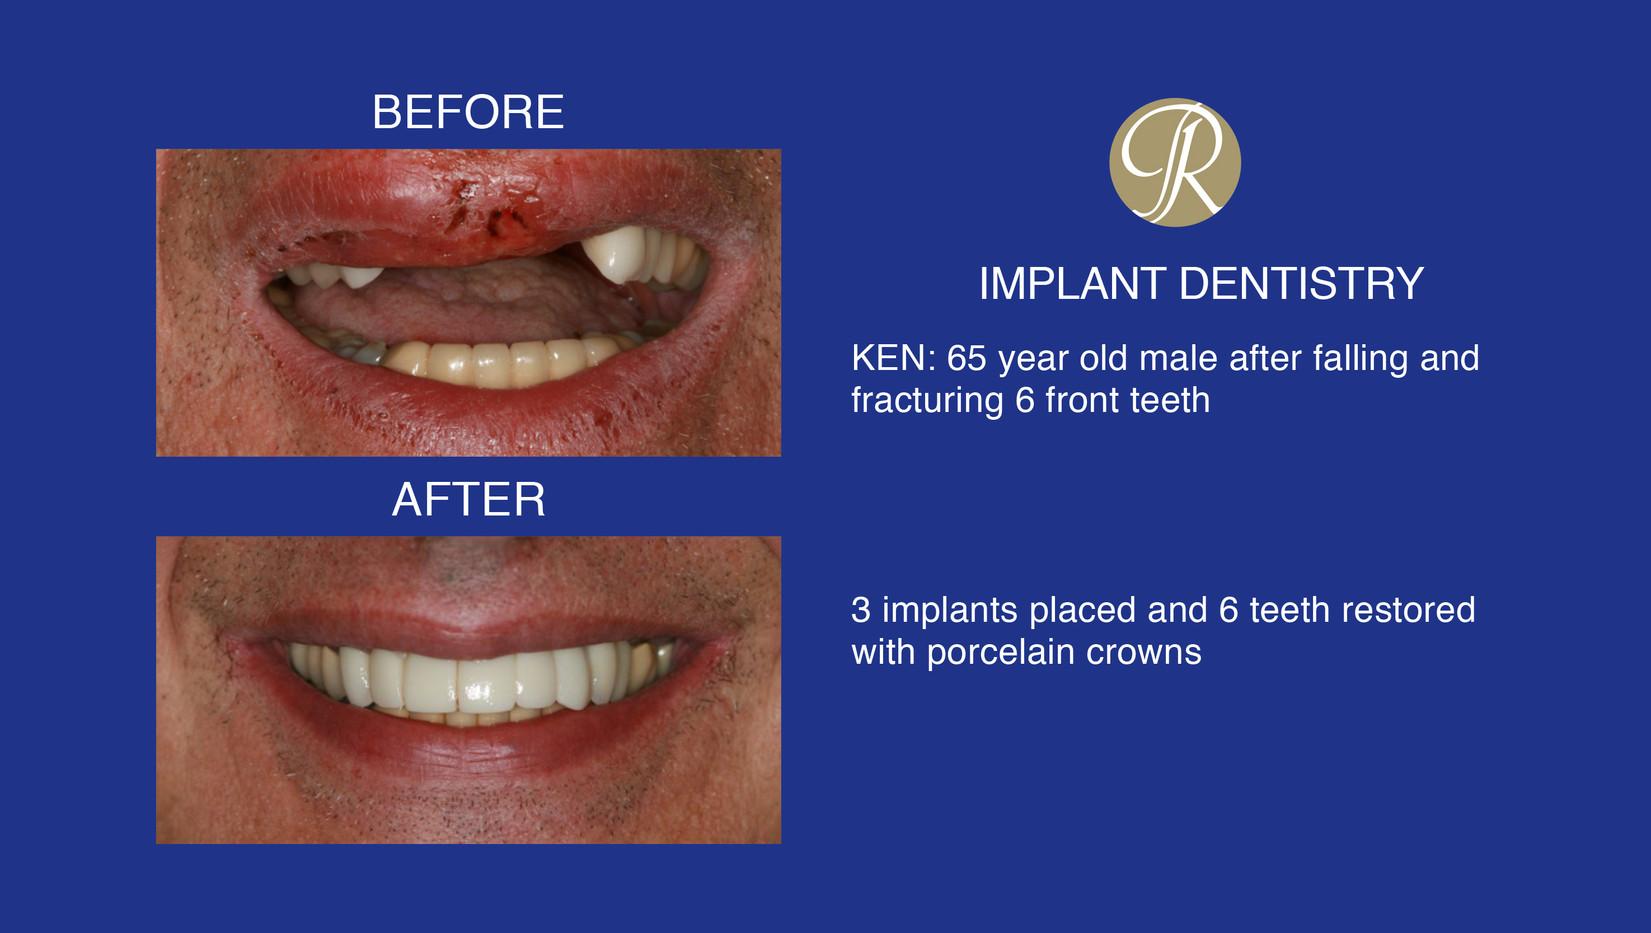 Ken_Implant.jpg